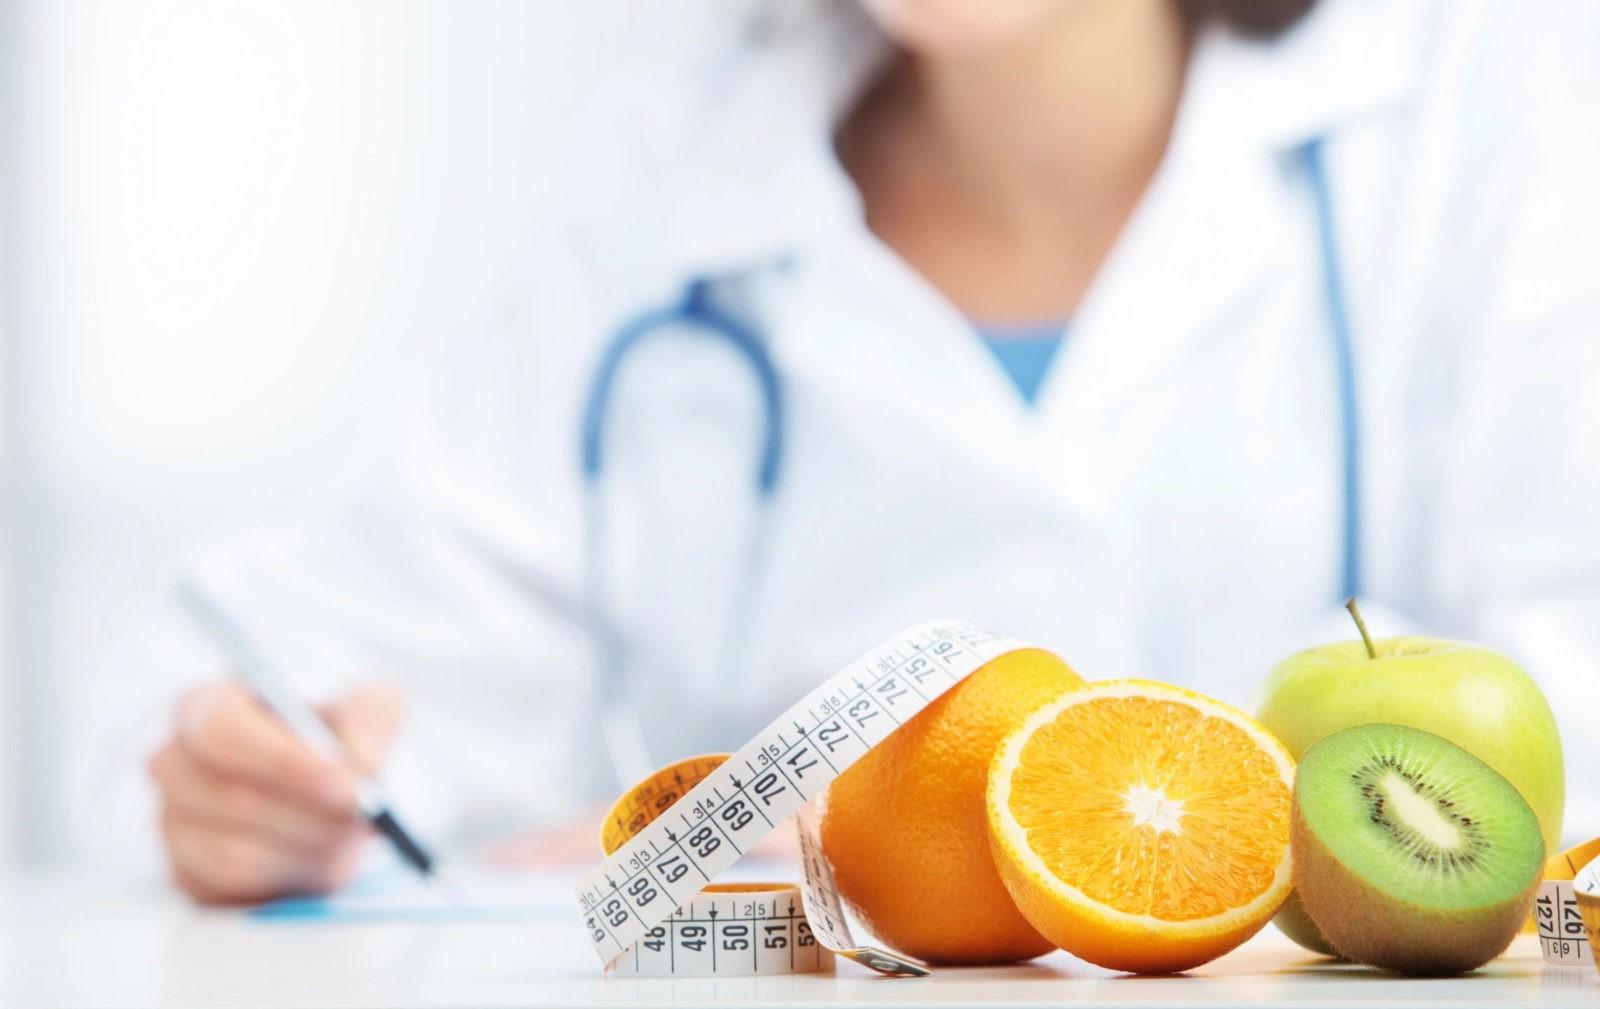 Нехватка веса в перспективе может быть не менее опасной, чем его избыток